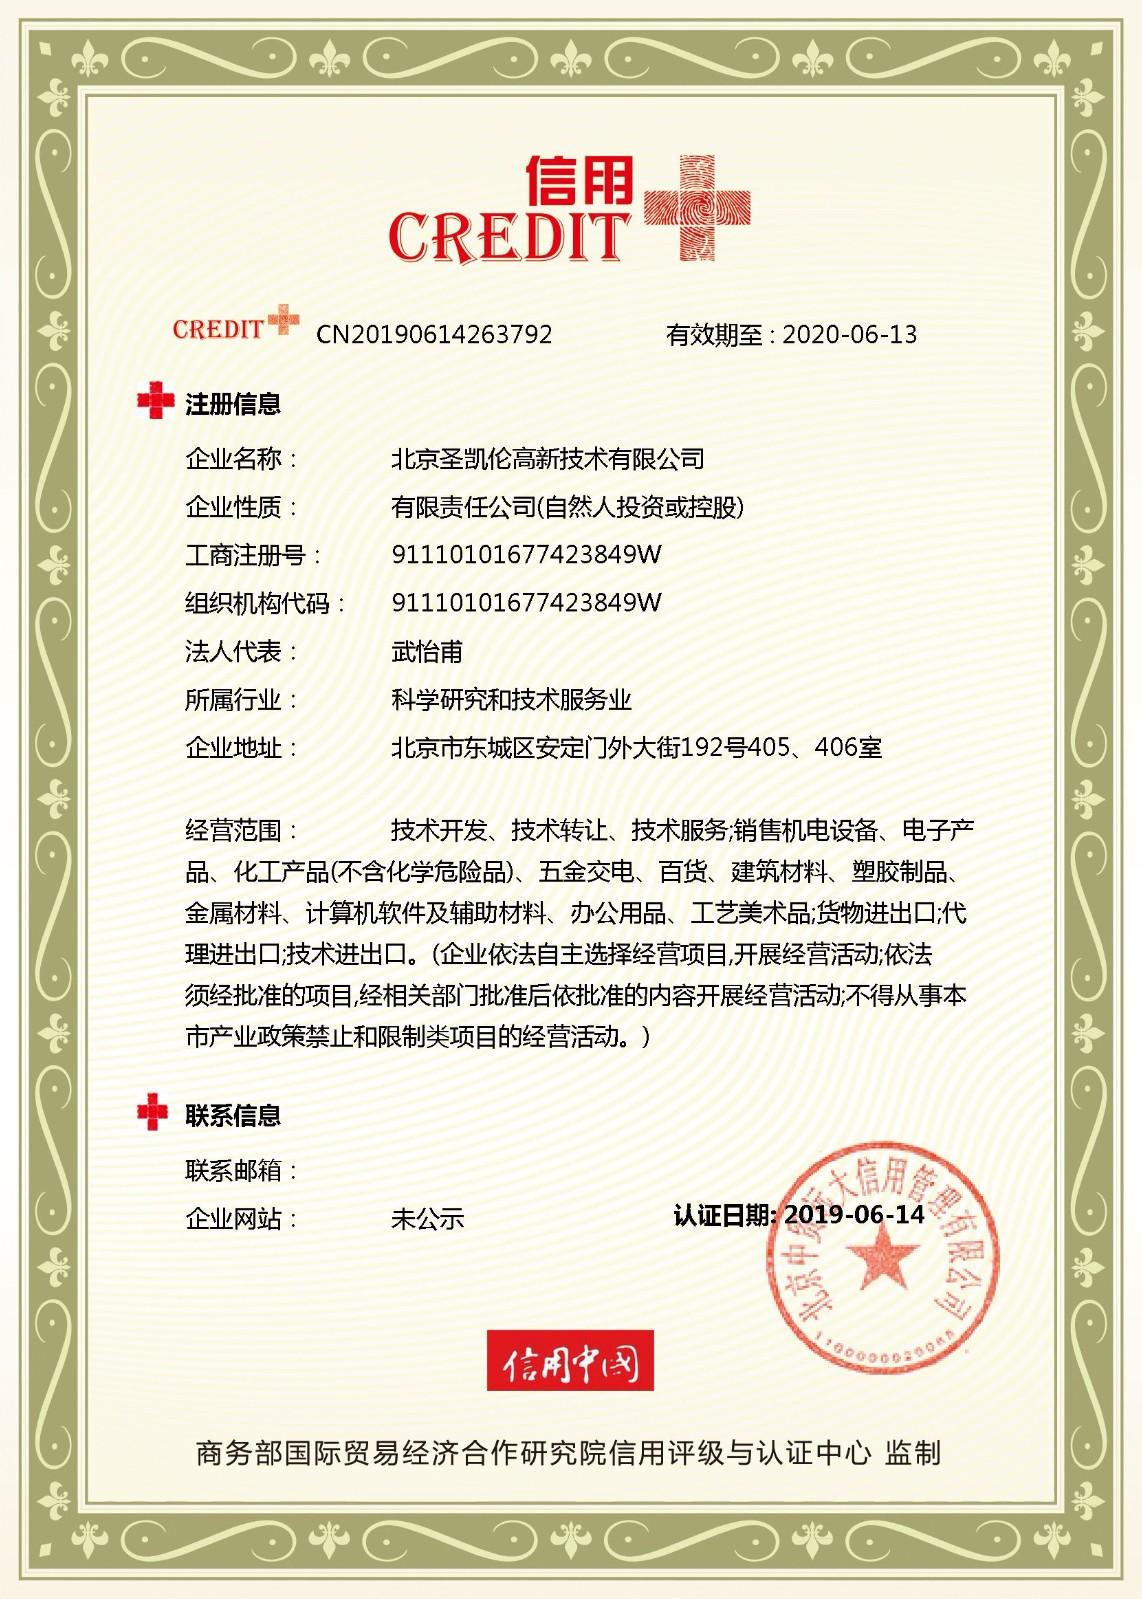 北京圣凯伦高新技术有限公司.jpg